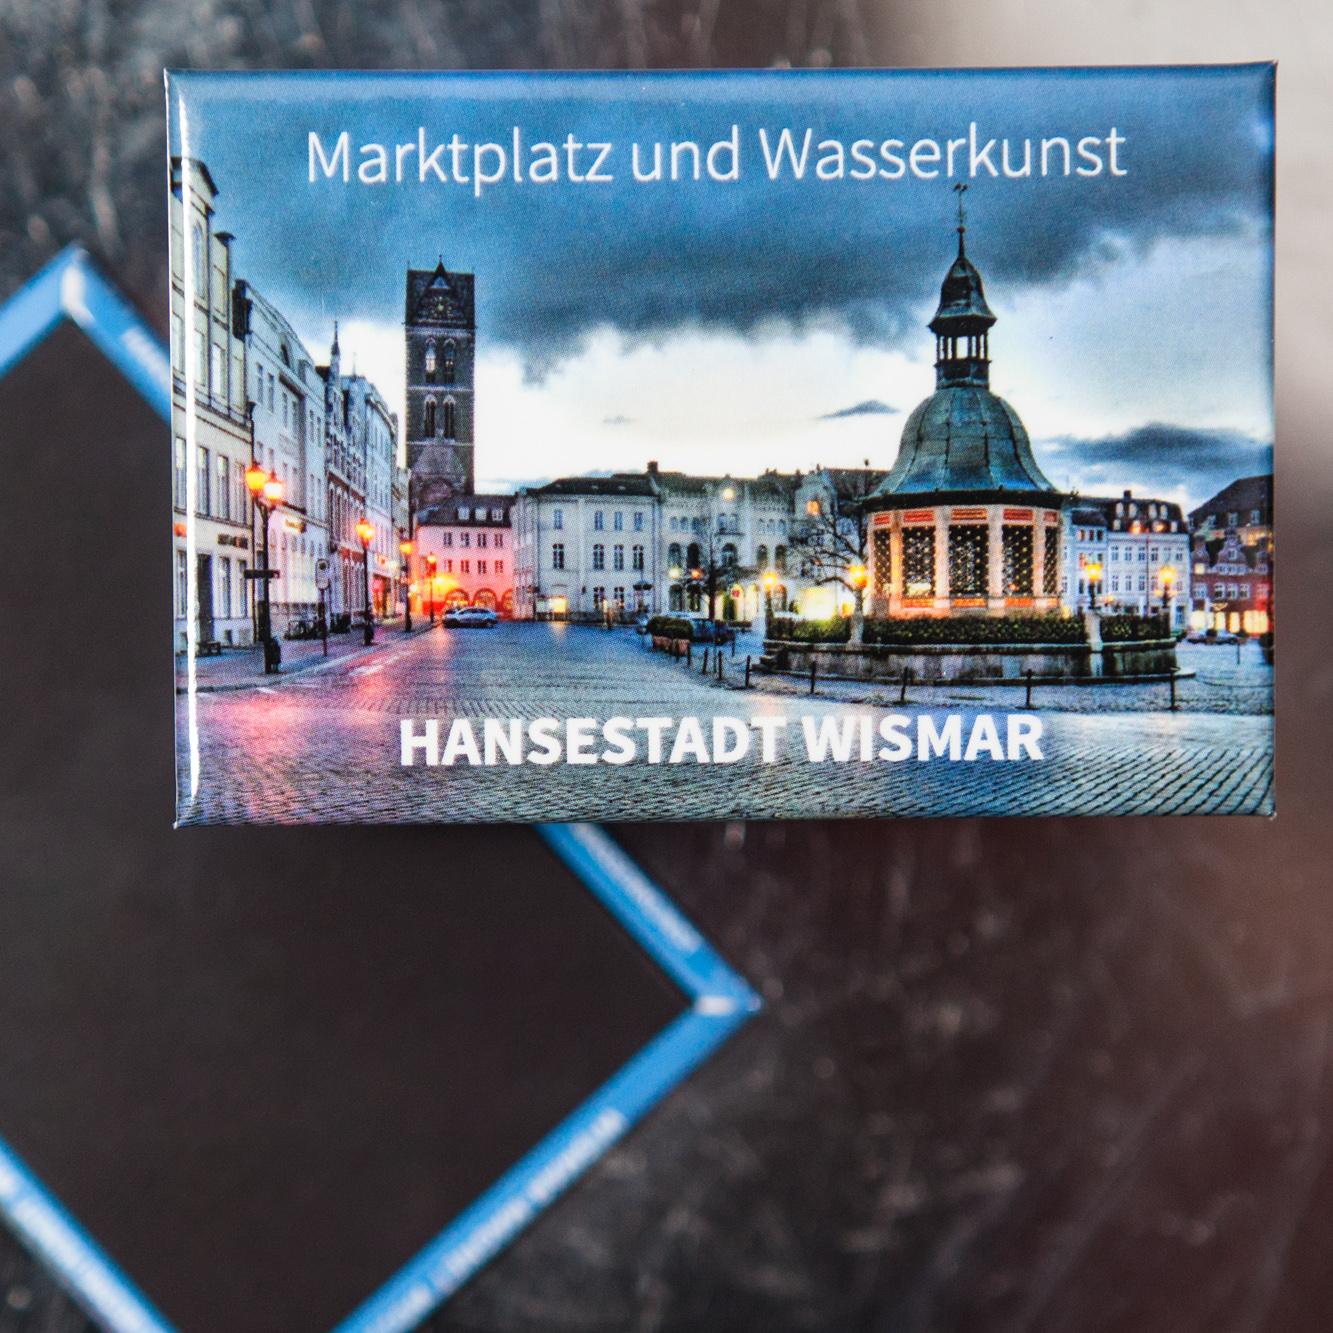 W011-M: Magnet Wismar: Marktplatz mit Marienkirchturm am Abend